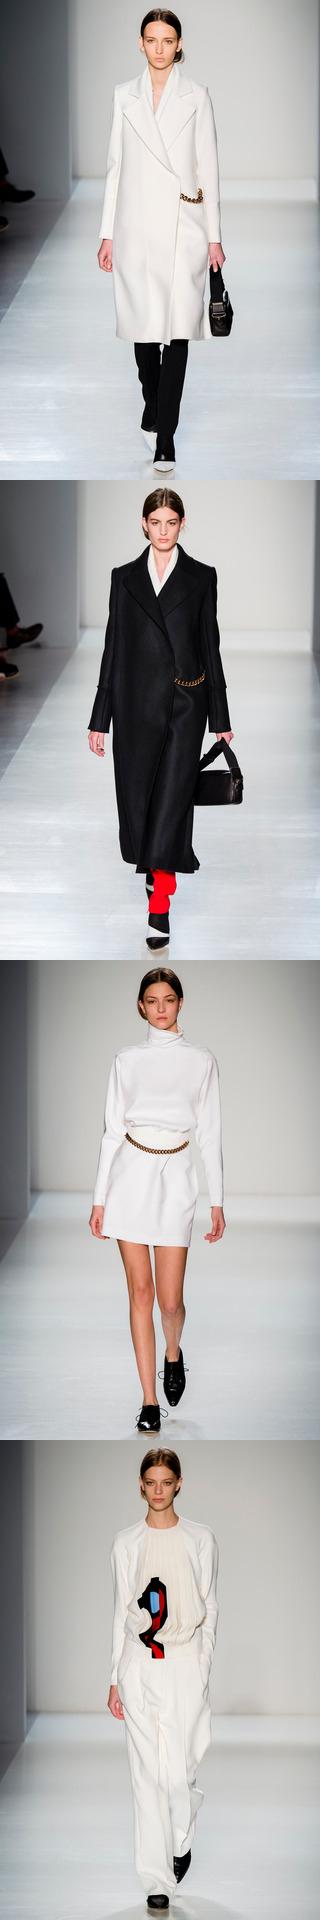 Victoria Beckham Automne-hiver 2014-2015 Prêt-à-porter